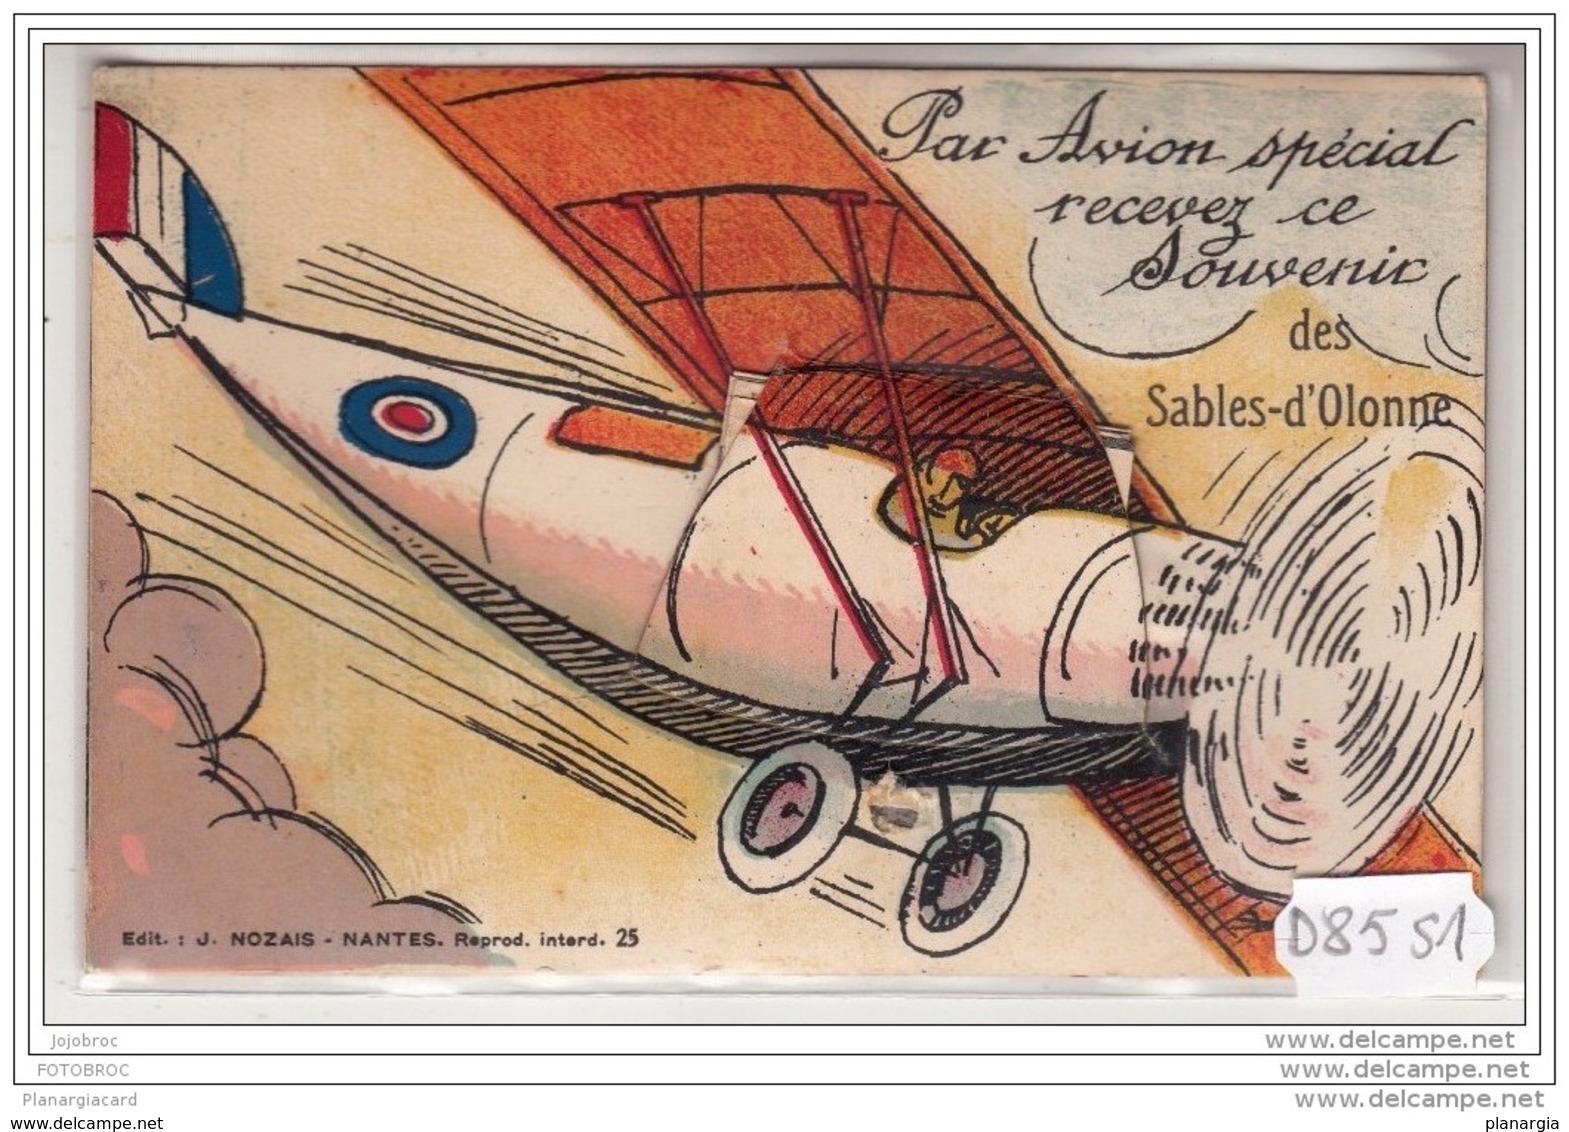 1784 D85 AK PC CPA PAR AVION SPECIAL RECEVEZ CE SOUVENIR DES SABLES D OLONNE CARTE SYSTEME - Avions